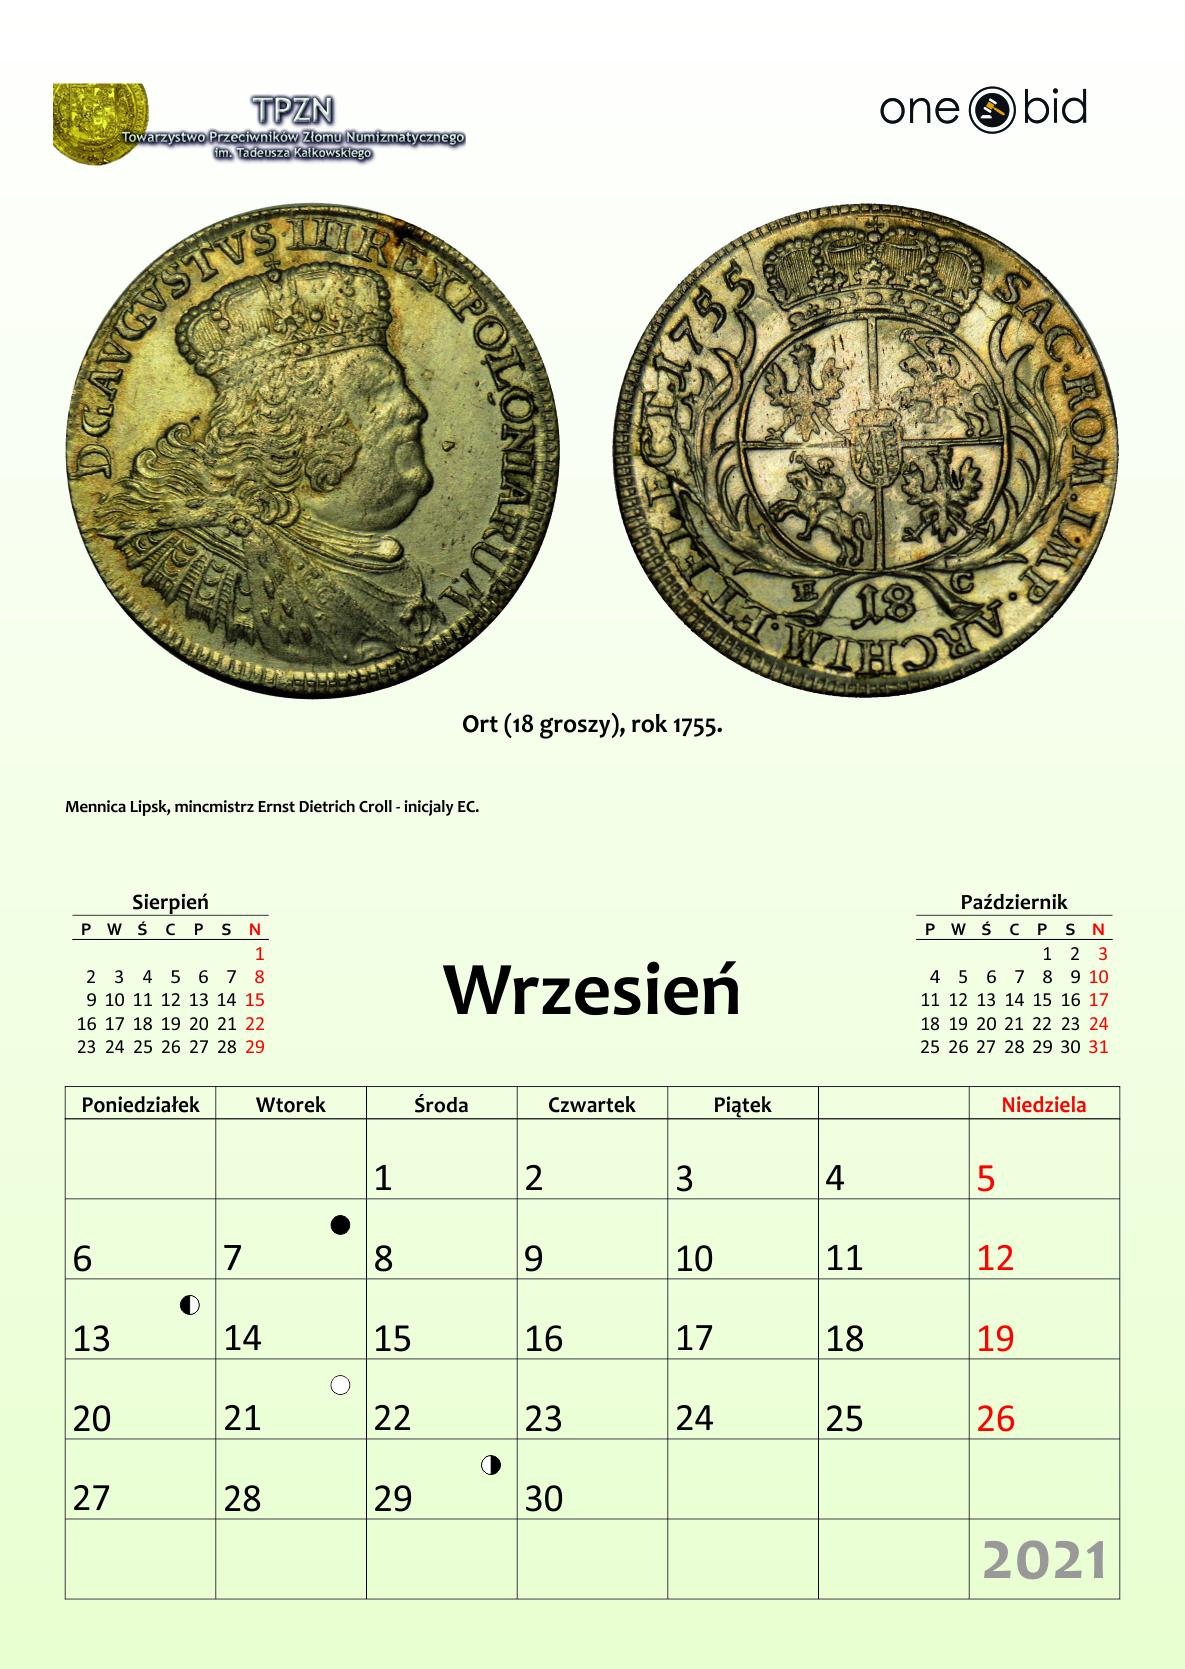 http://info.tpzn.pl/kalendarze/kalendarz2021/wrzesien2021.jpg